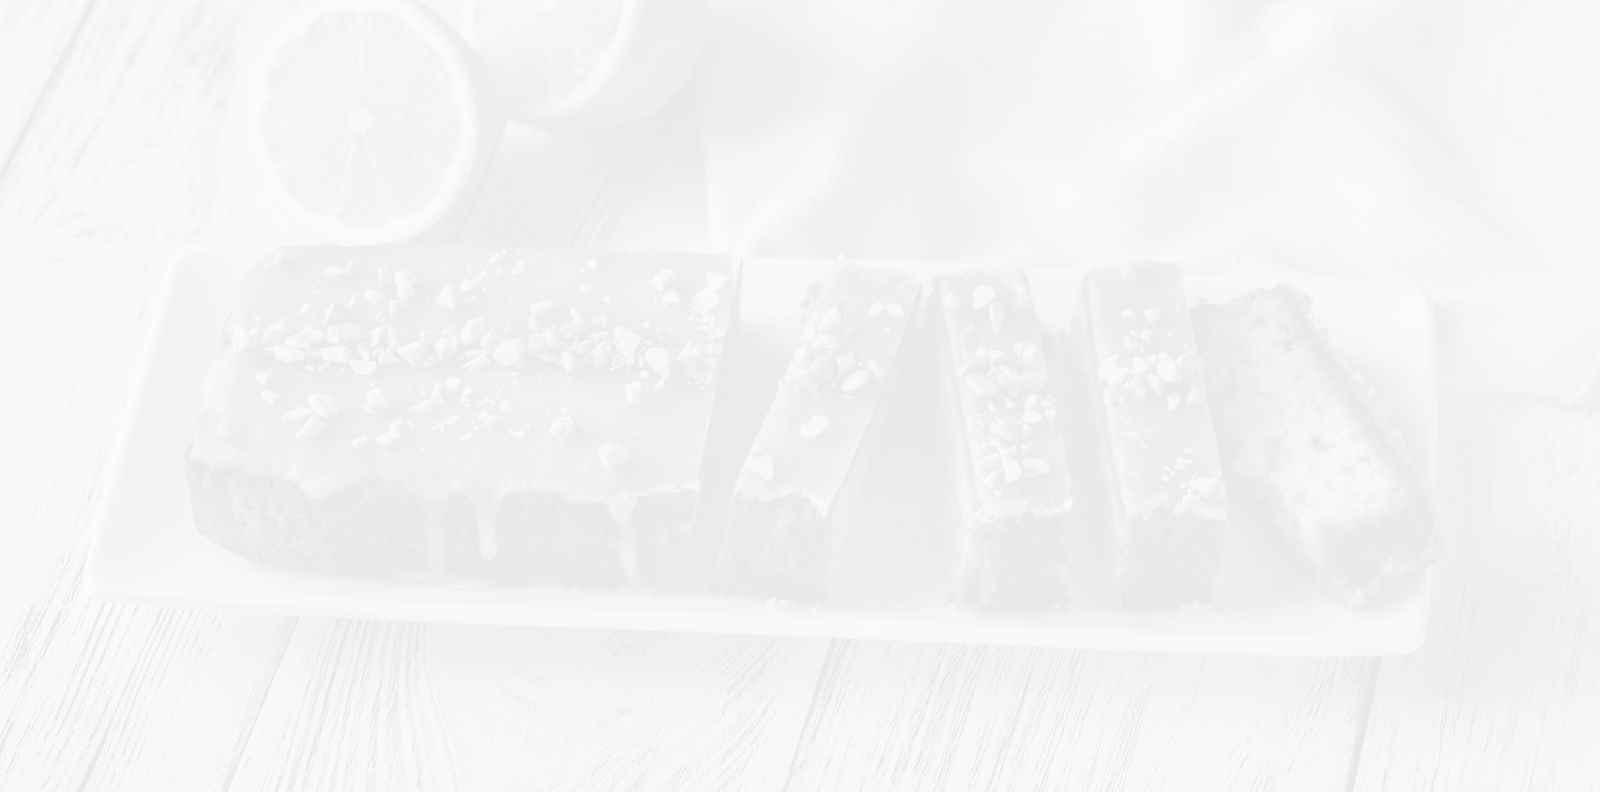 Кулинарен уикенд: Лесен лимонов кейк с шамфъстъци